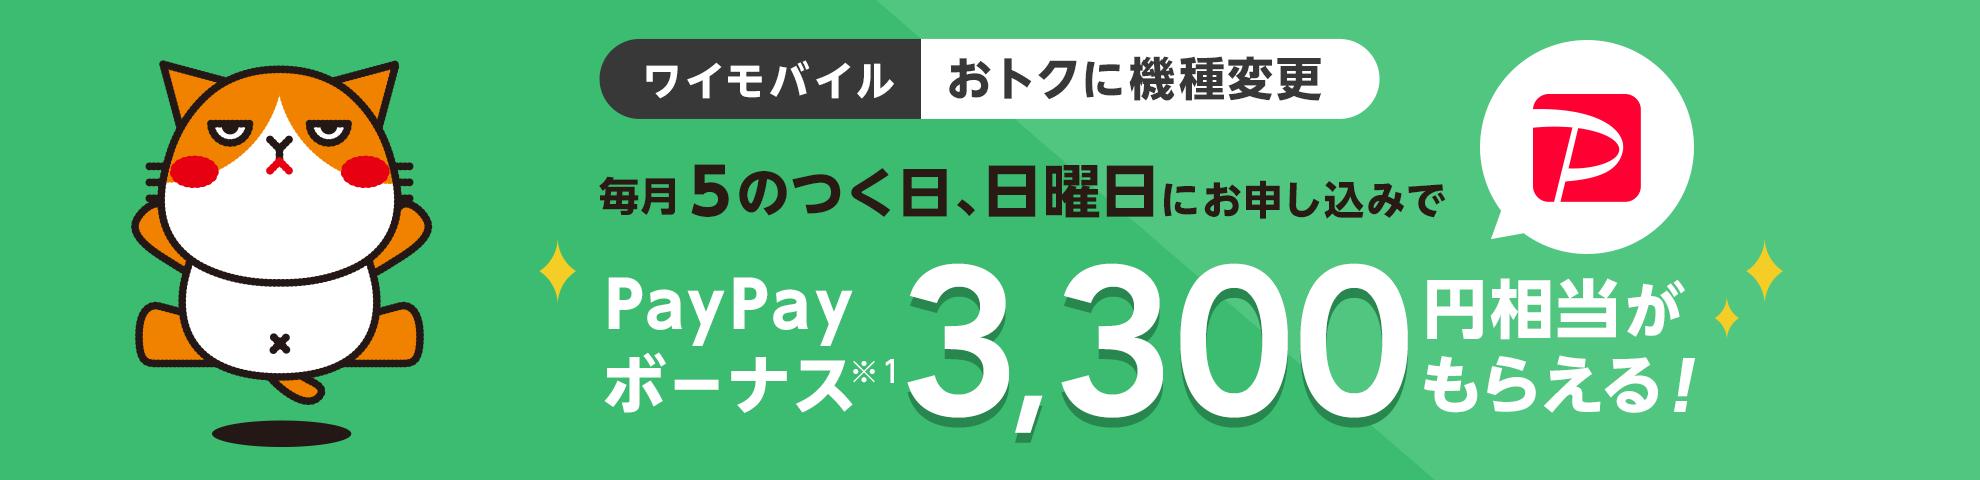 ワイモバイル おトクに機種変更 毎月5のつく日、日曜日にお申し込みで PayPayボーナス※1 3,300円相当がもらえる!